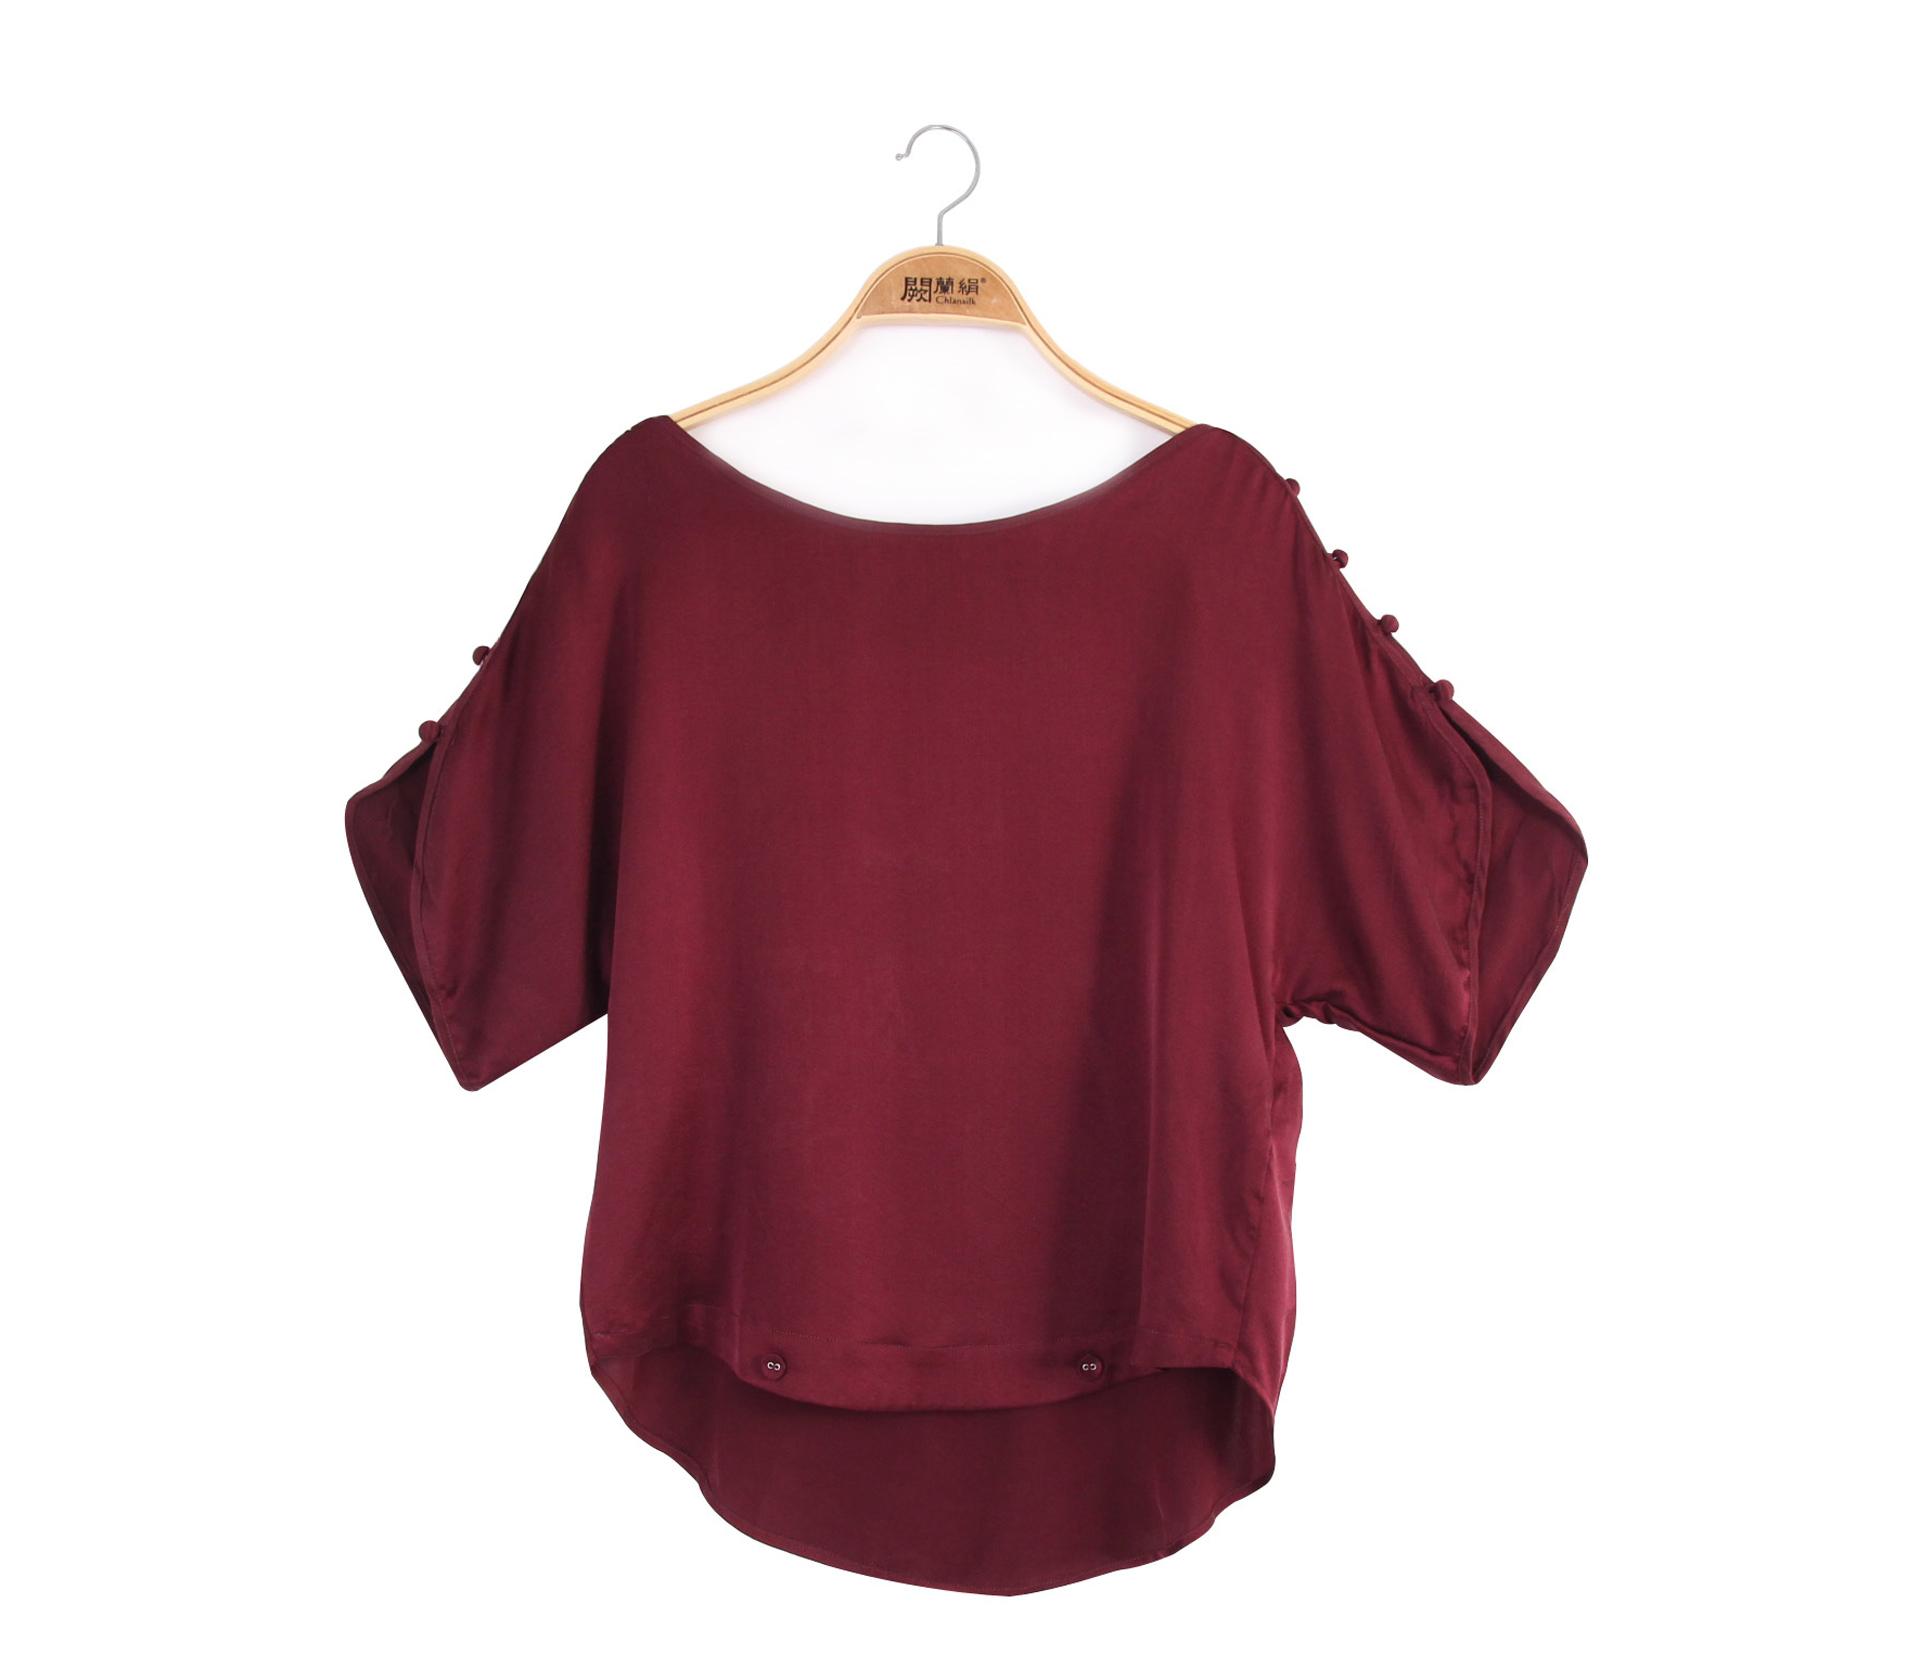 闕蘭絹設計感酒紅色肩釦造型蠶絲上衣 - 6420